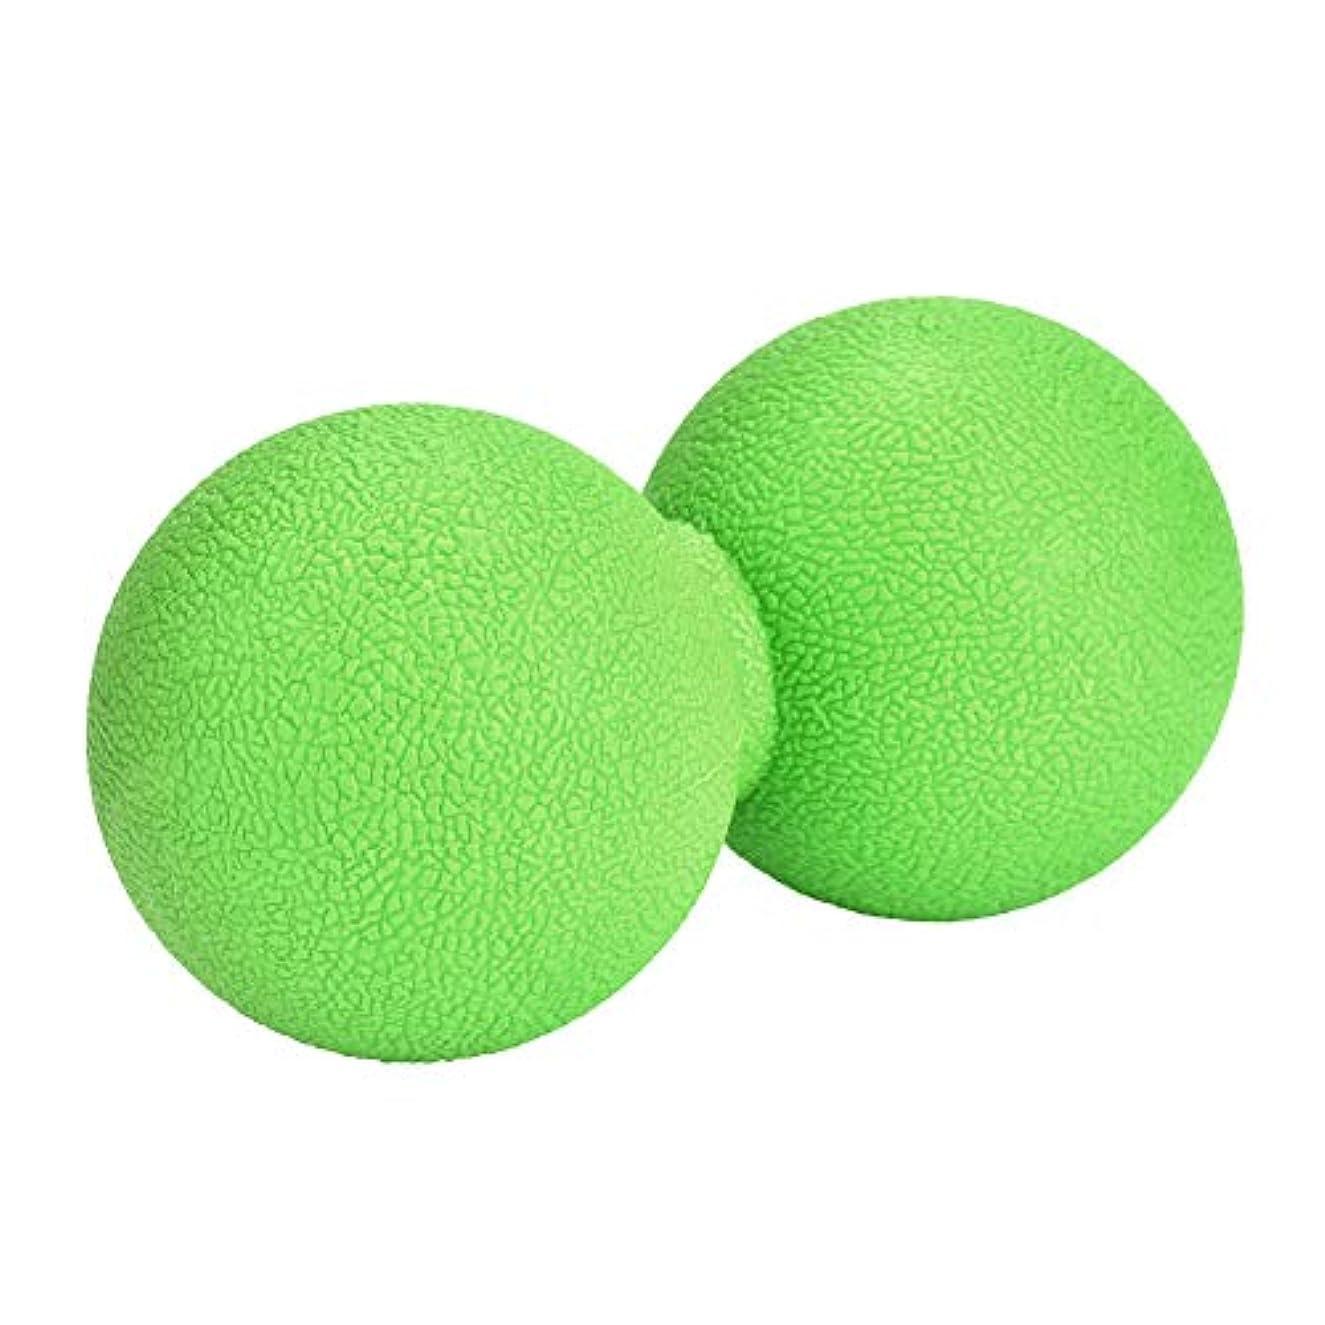 隔離面白いフォーマルマッサージボール ストレッチボール ピーナッツ型 ヨガボール 首 背中 肩こり 腰 ふくらはぎ 足裏 筋膜リリース トレーニング